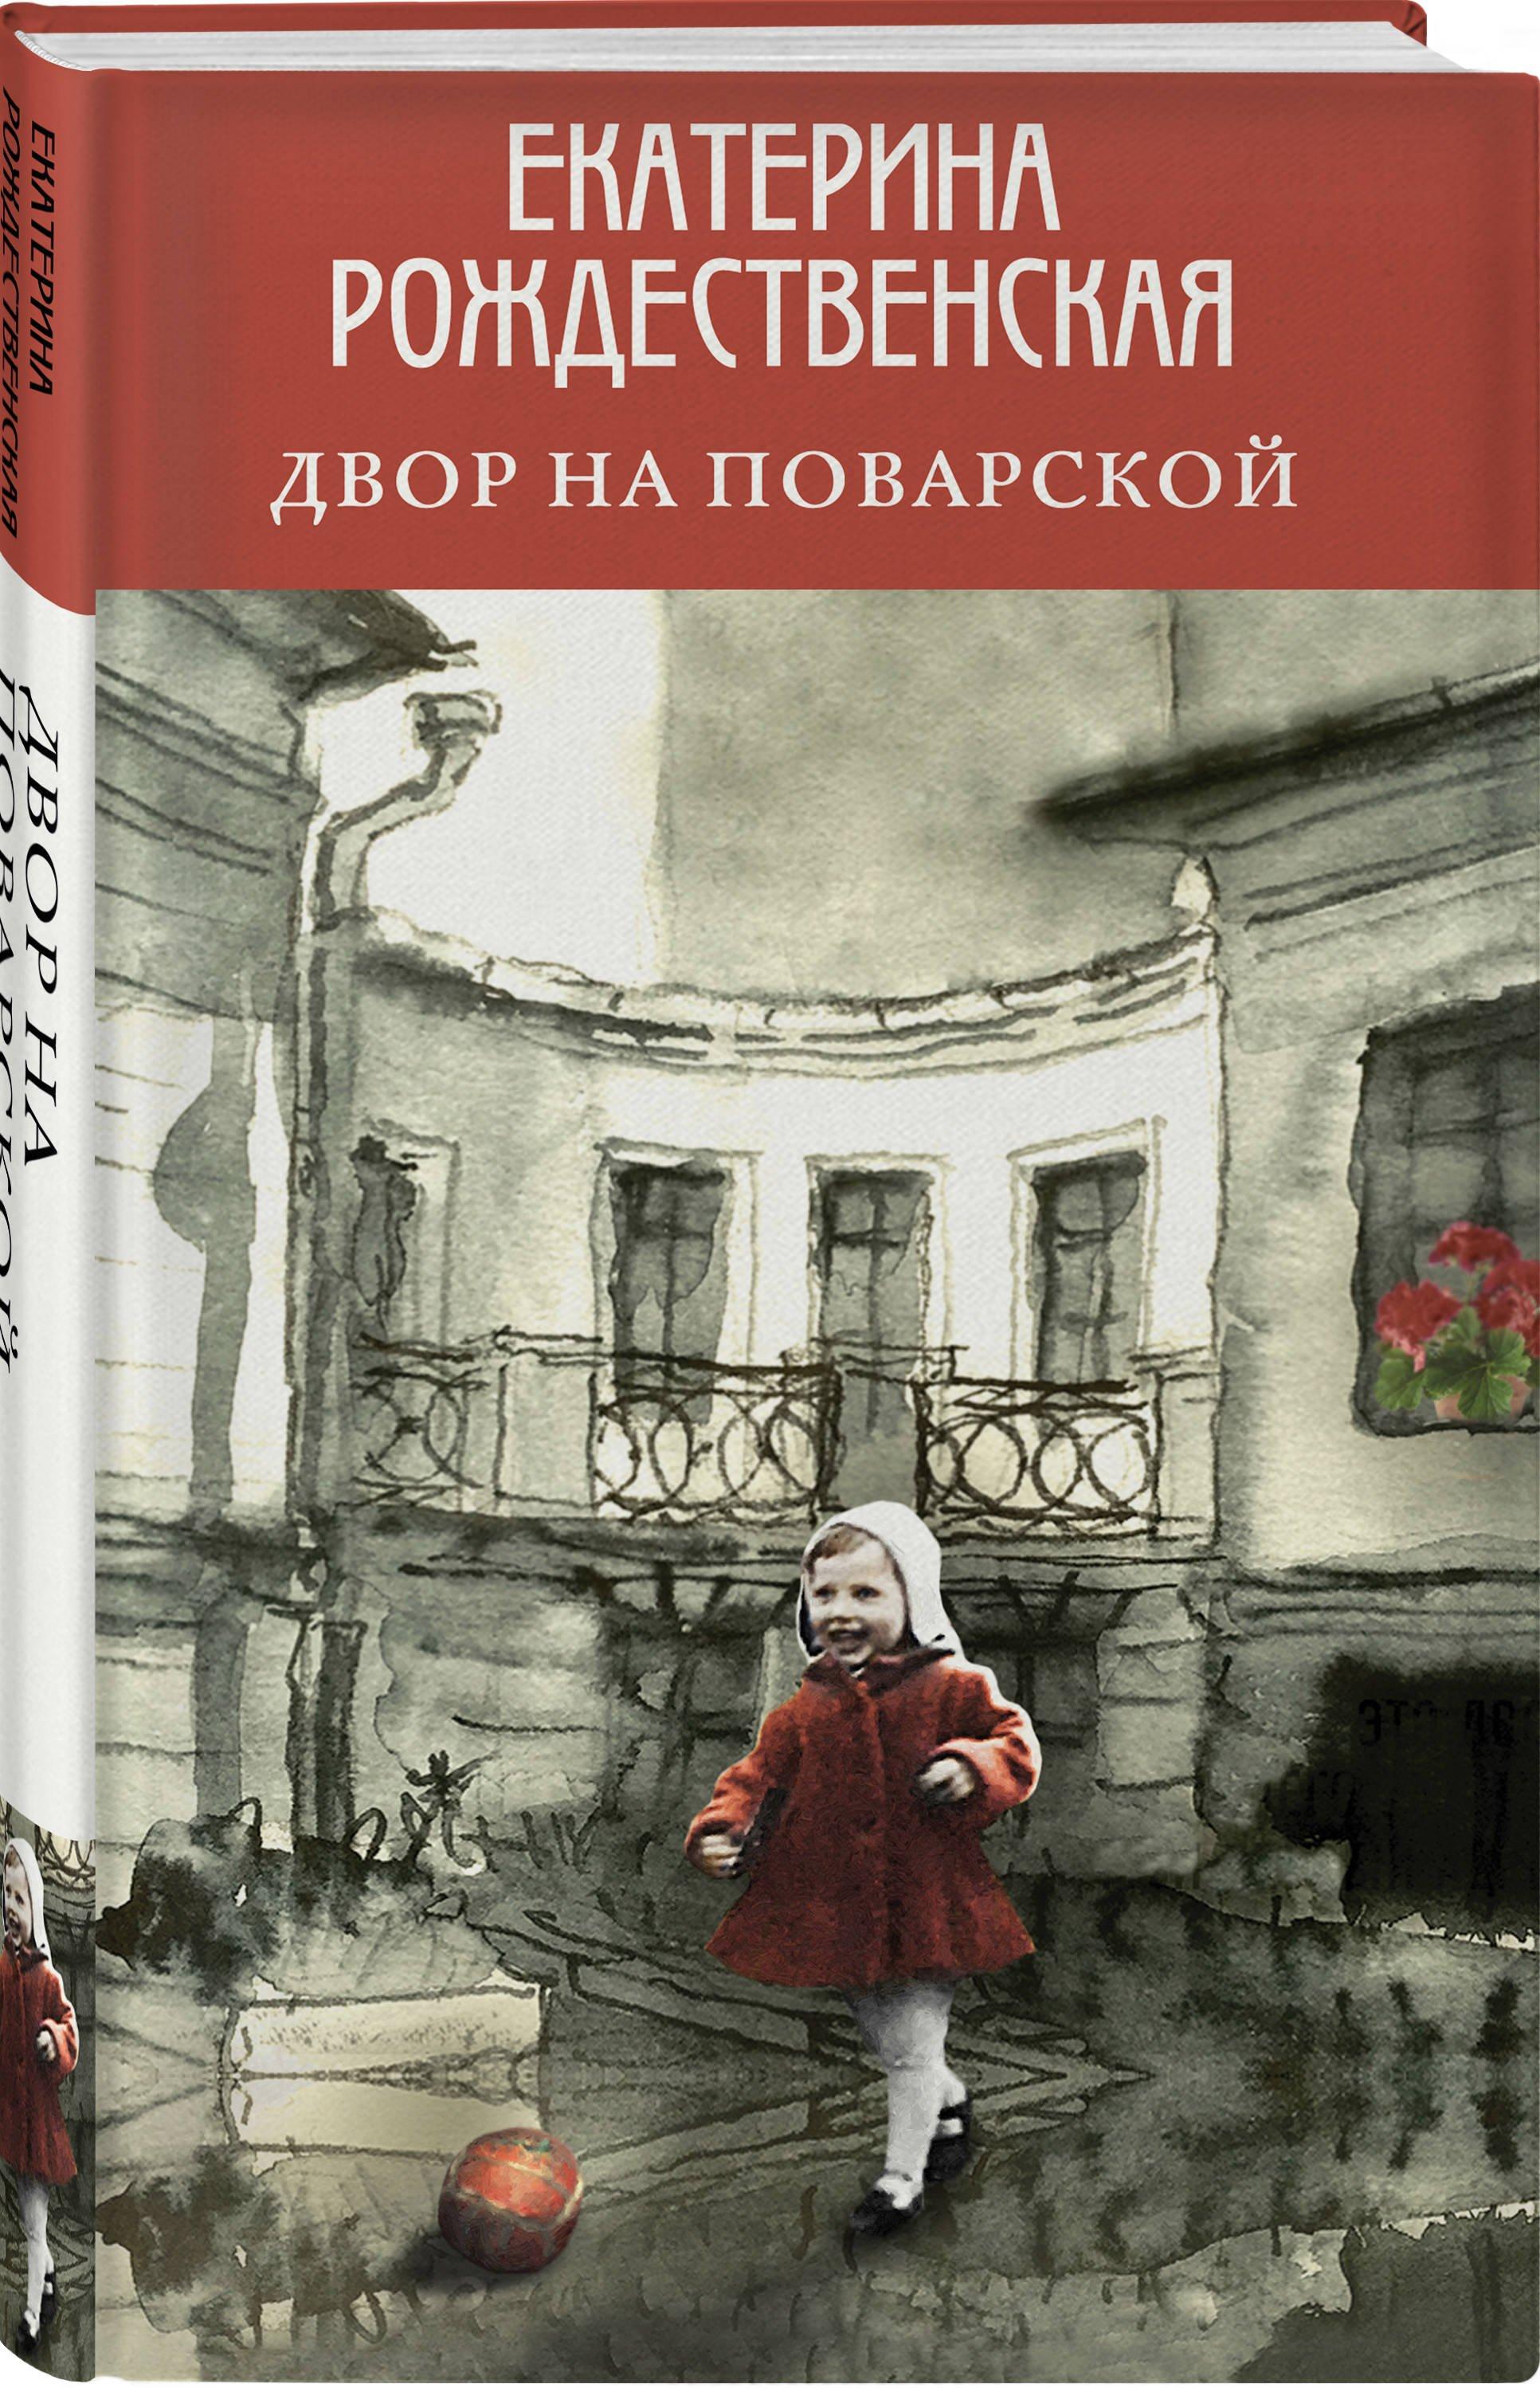 Рождественская Екатерина Робертовна Двор на Поварской (с автографом)